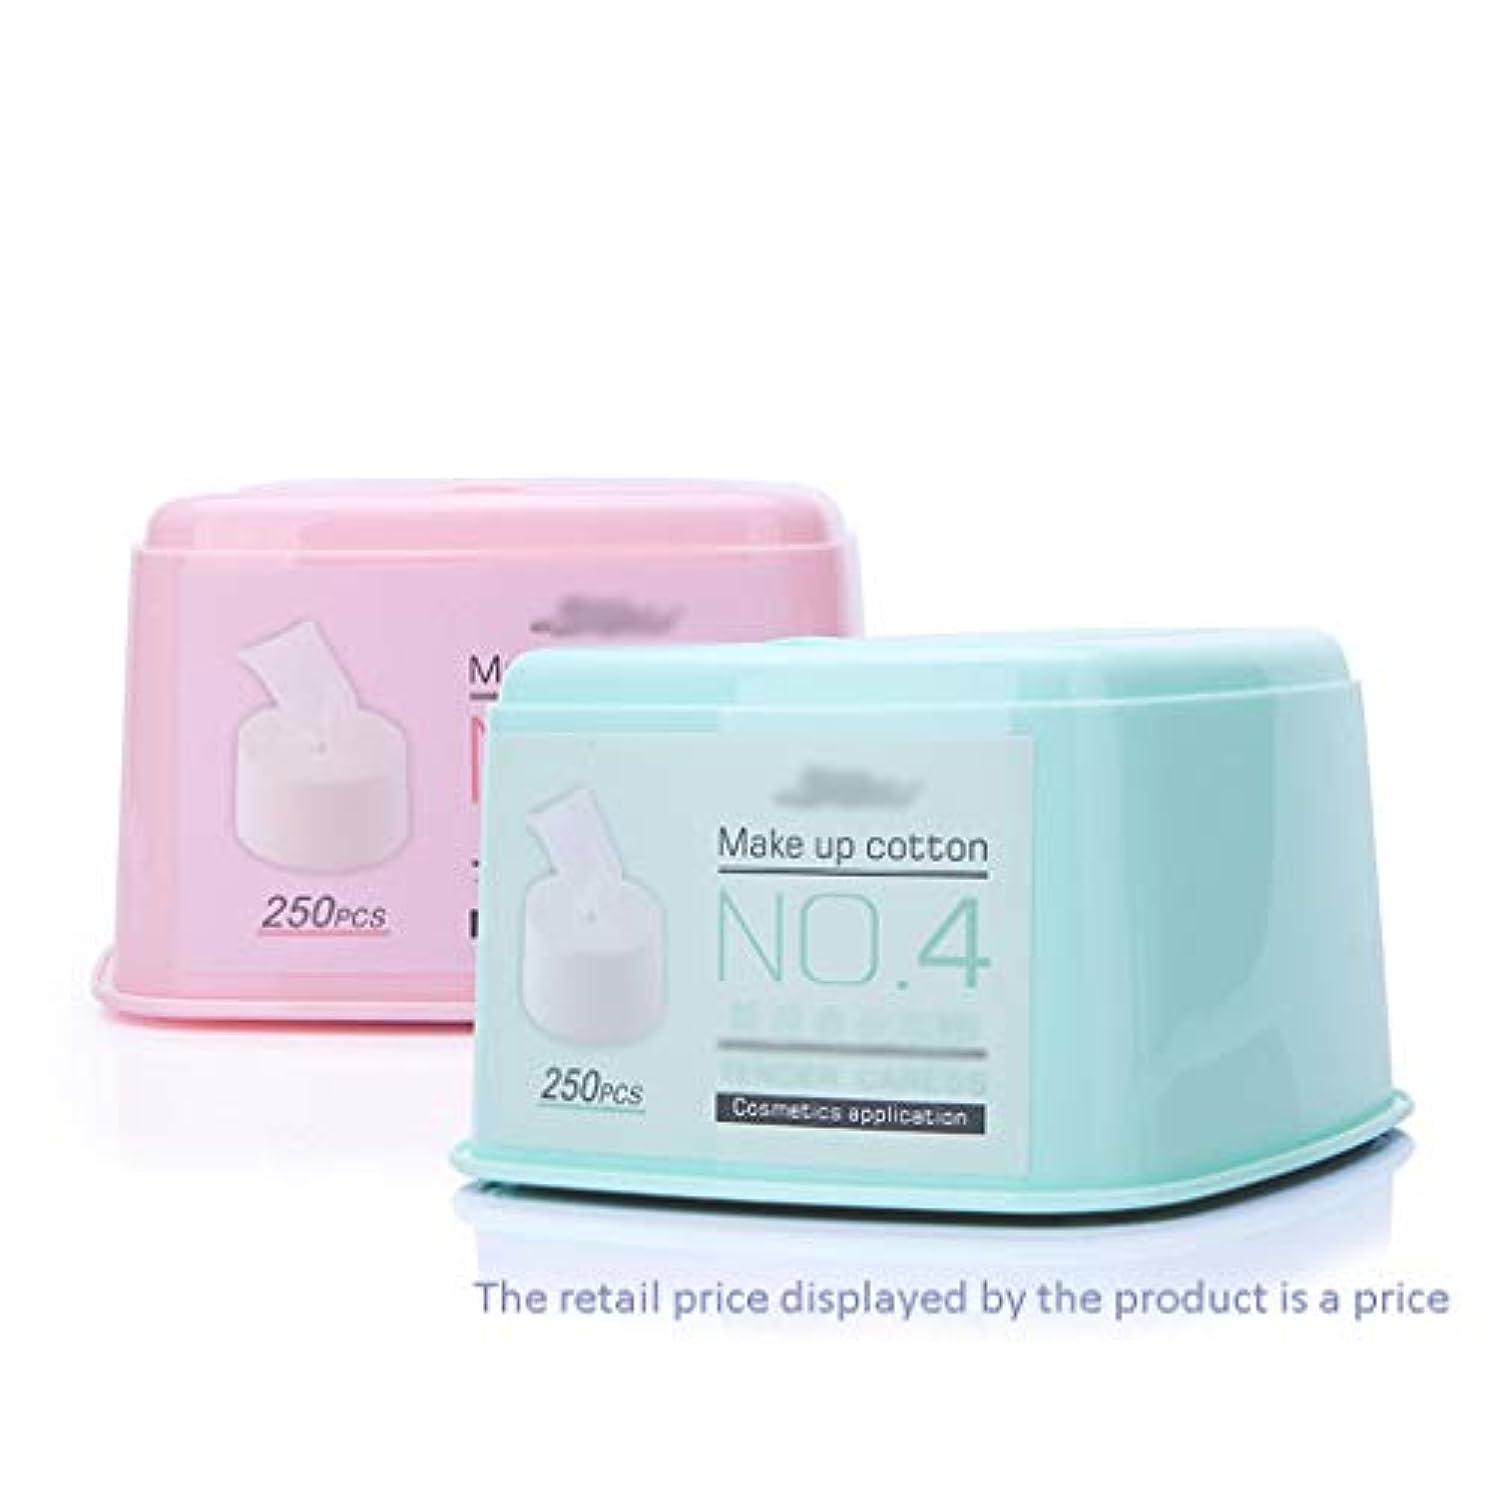 紛争によって香水クレンジングシート 250ピース使い捨て高品質コットンパッドソフト削除きれいな顔クレンジングフェイシャルメイク削除パフマット (Color : Blue)